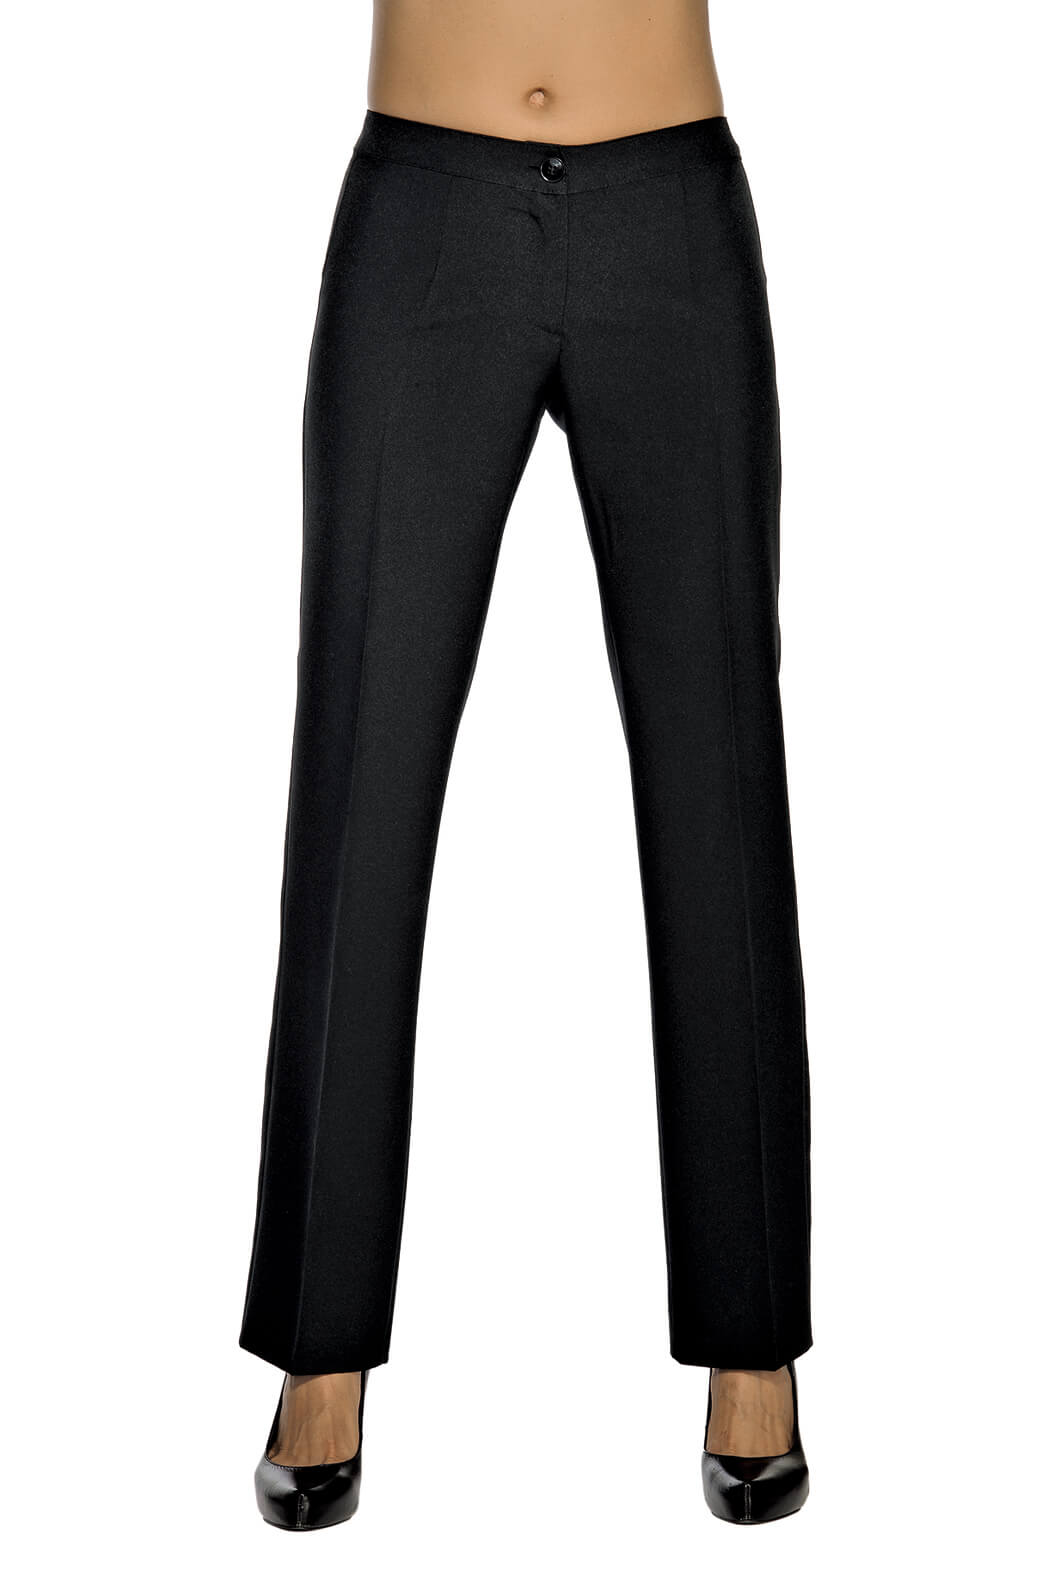 Pantalon Femme Noir Coupe Droite - Restauration et Réception/Pantalons et Bermudas de Service ...